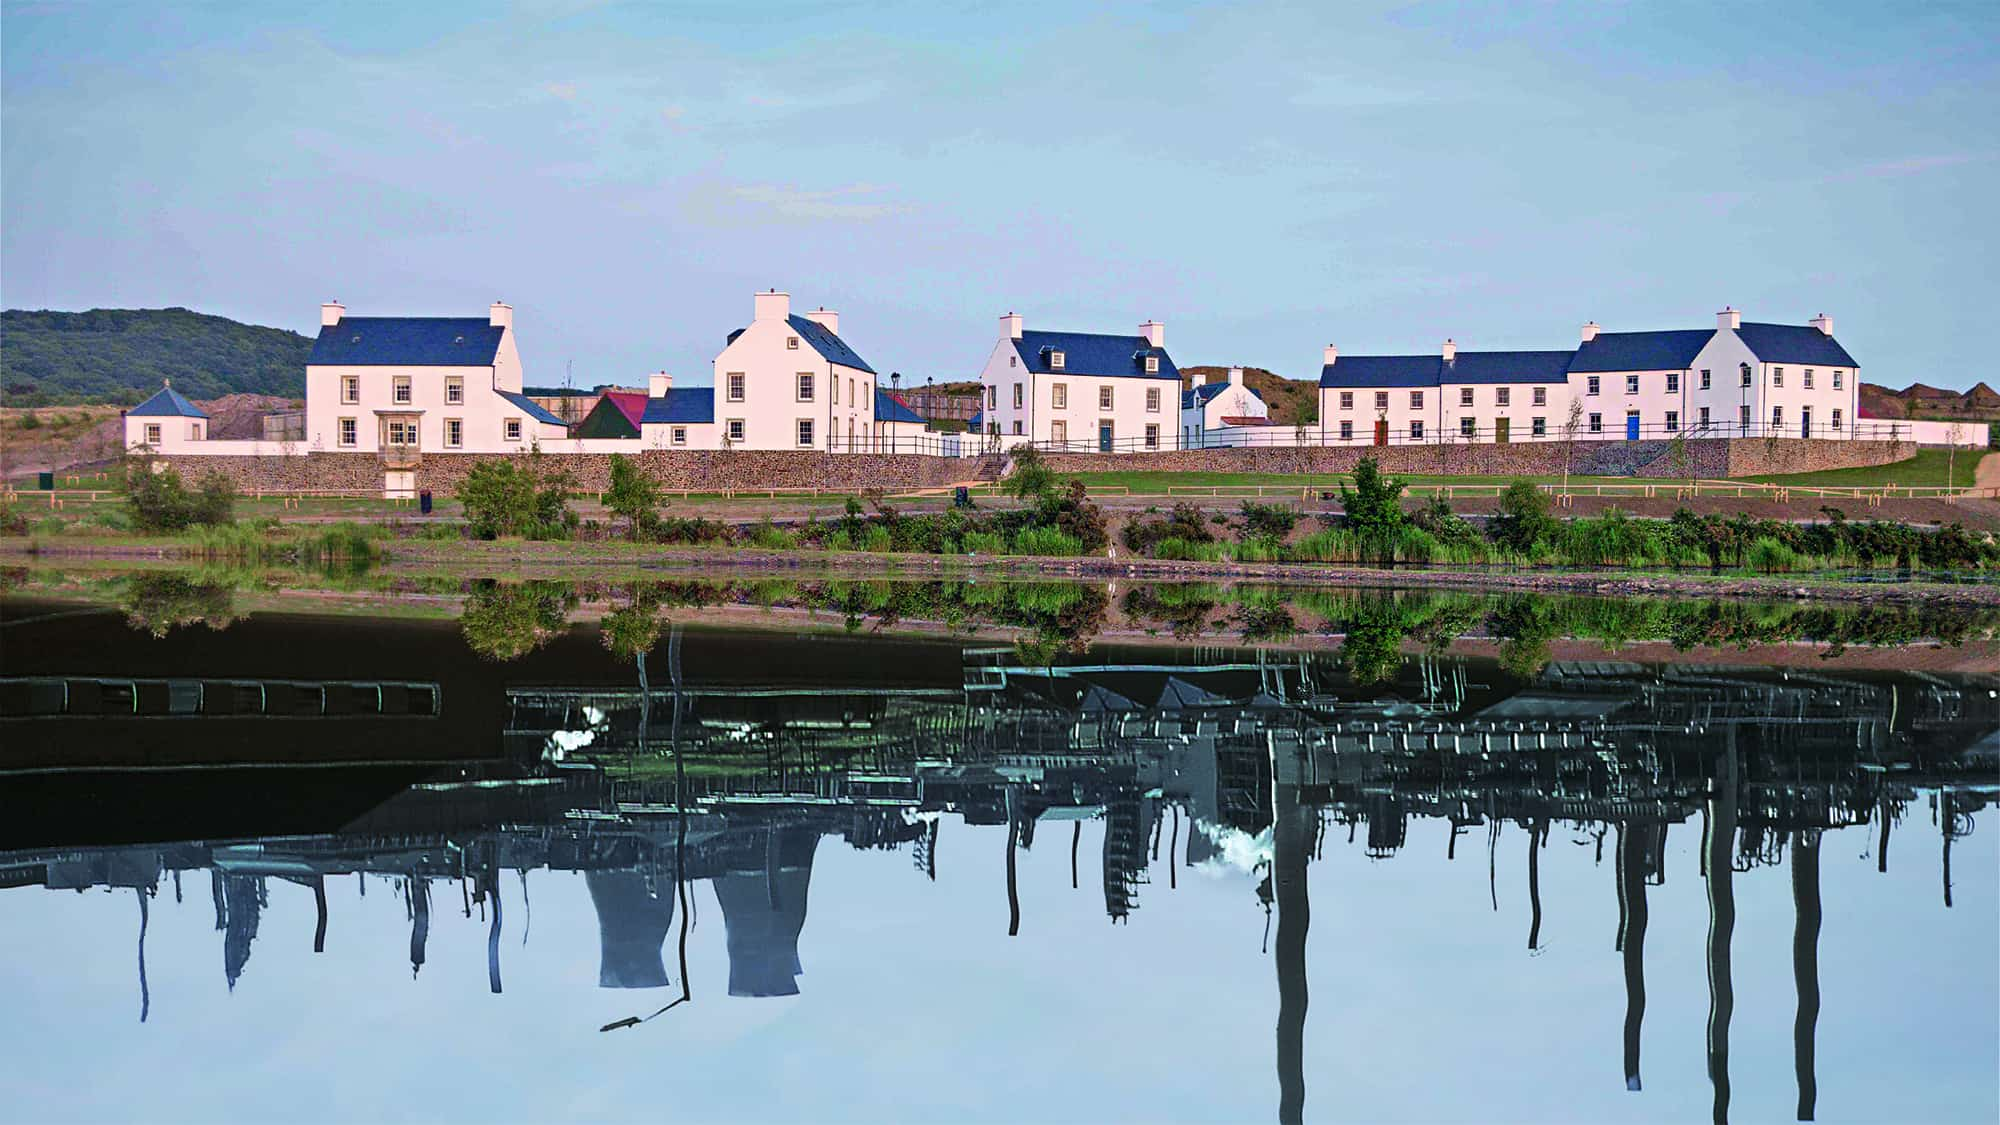 Houses in Swansea